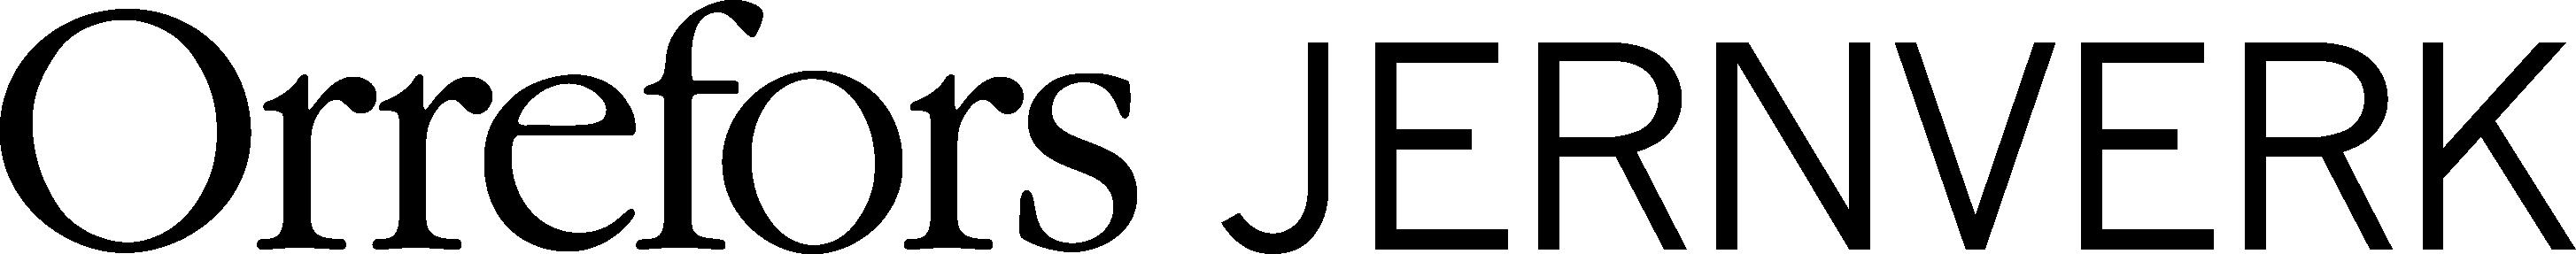 OJ_logo_black